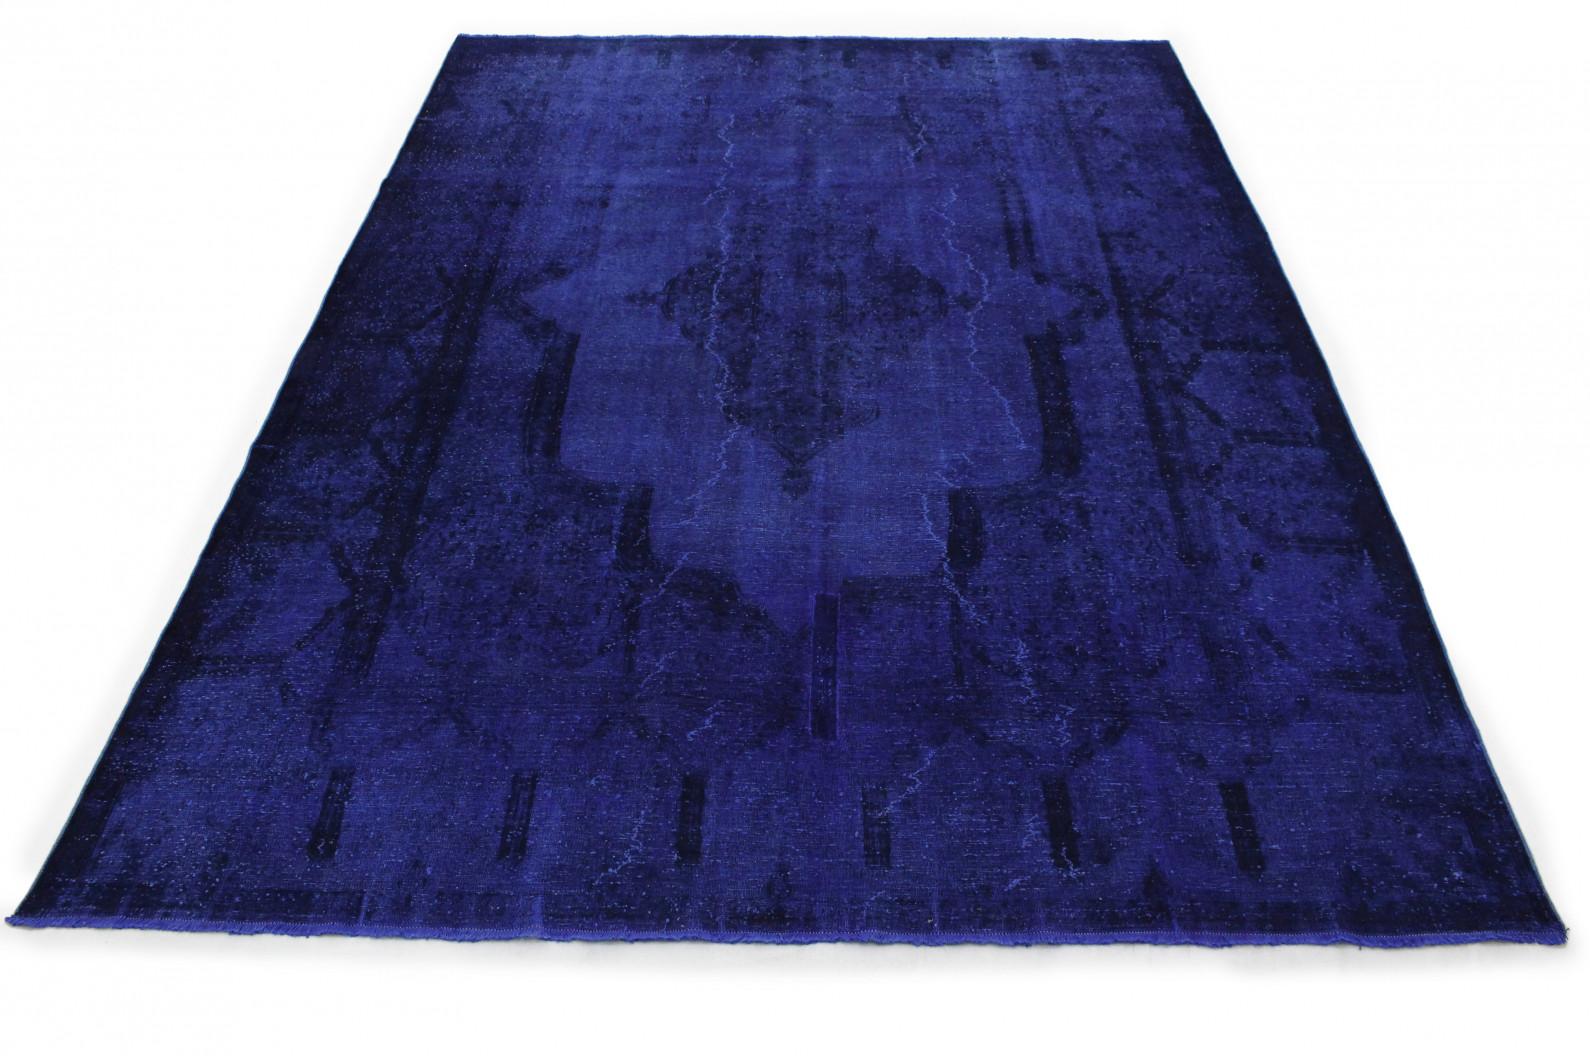 Vintage Teppich Ultramarinblau Blau in 410x290 (1 / 5)